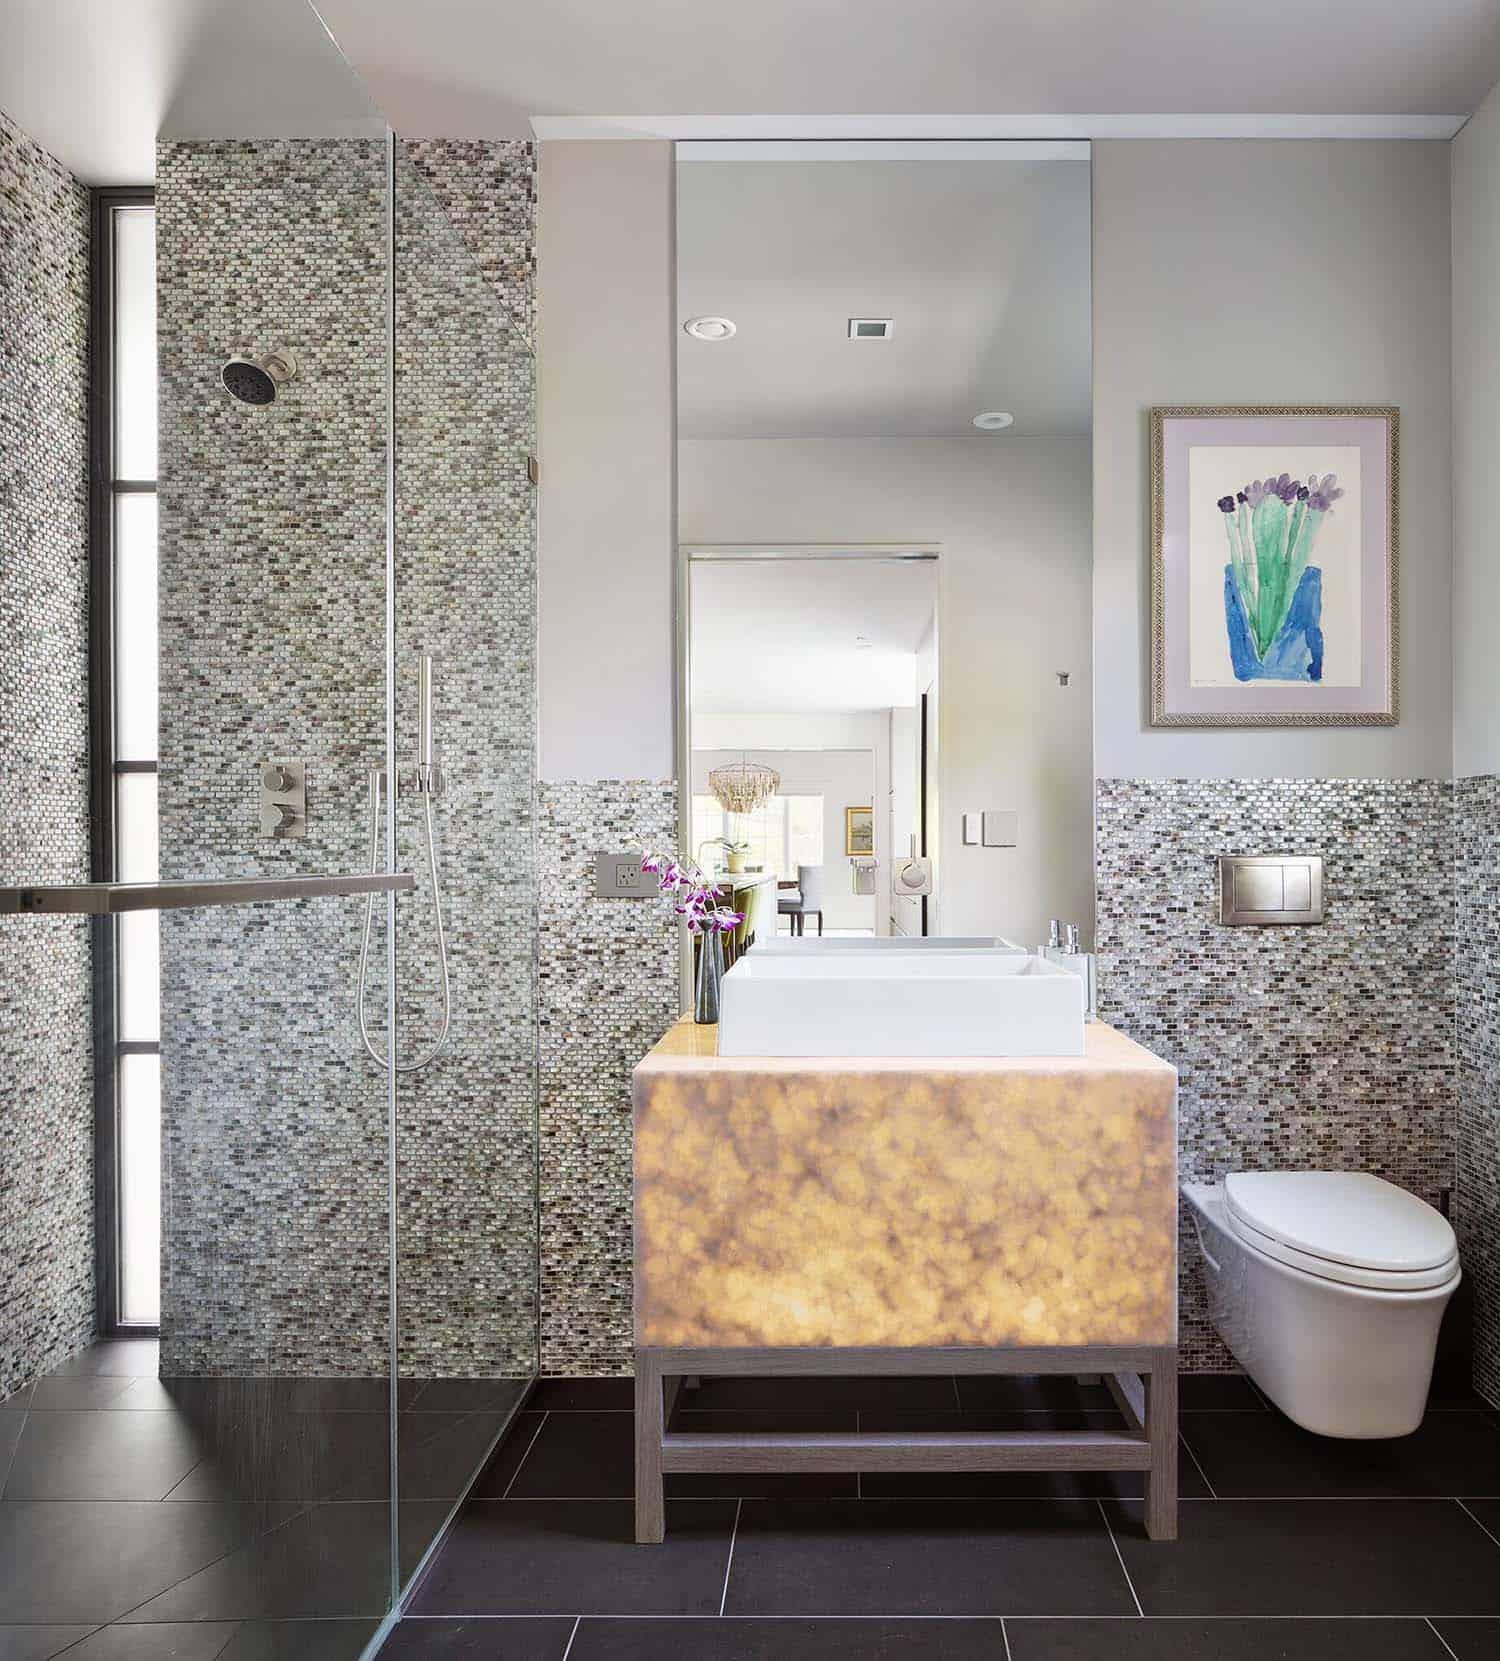 salle-de-bain-contemporaine-durable-maison-en-poudre